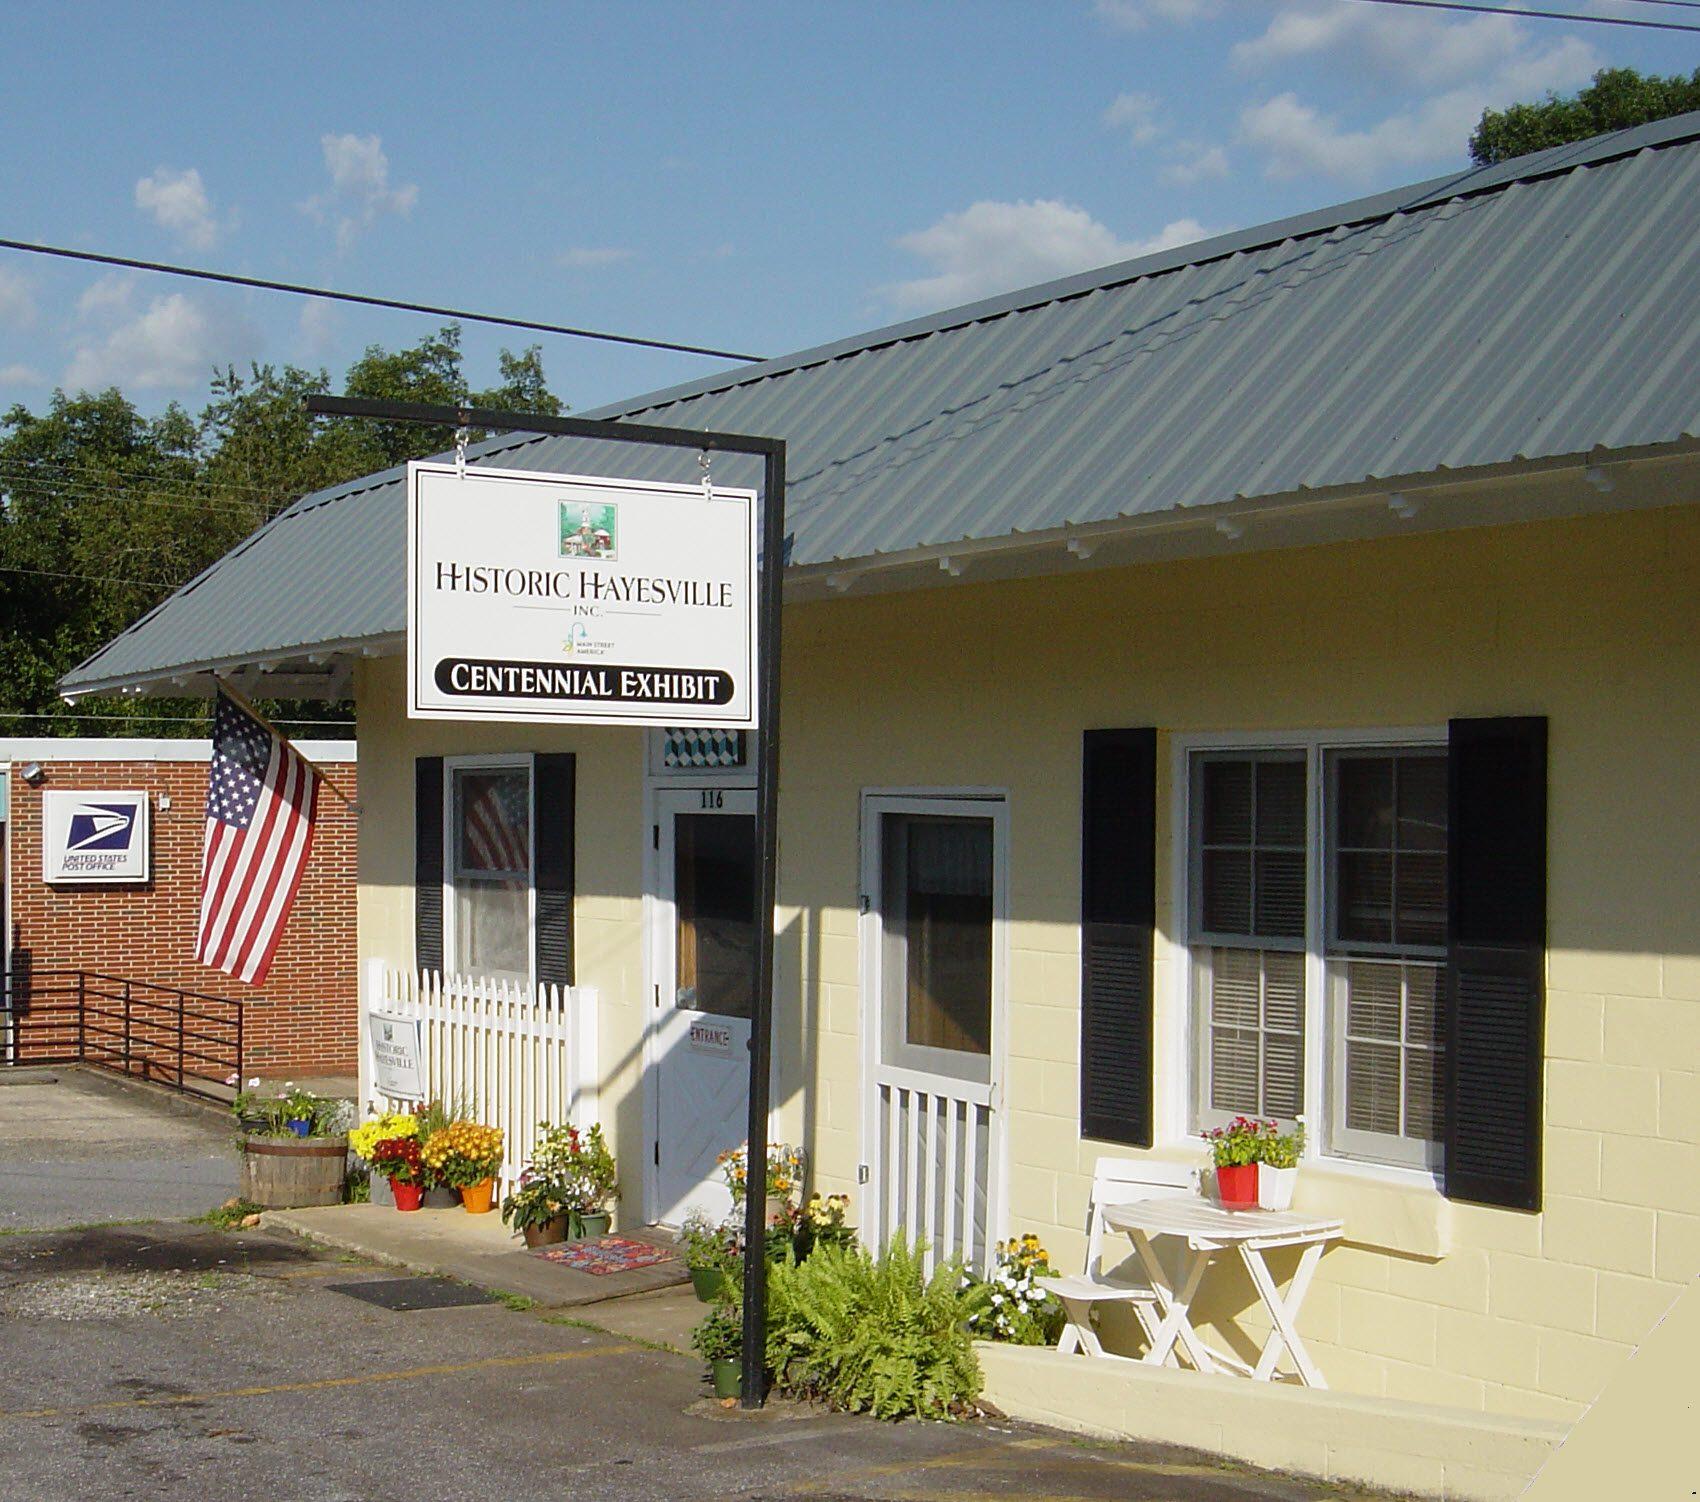 Historic Hayesville Centennial Exhibit